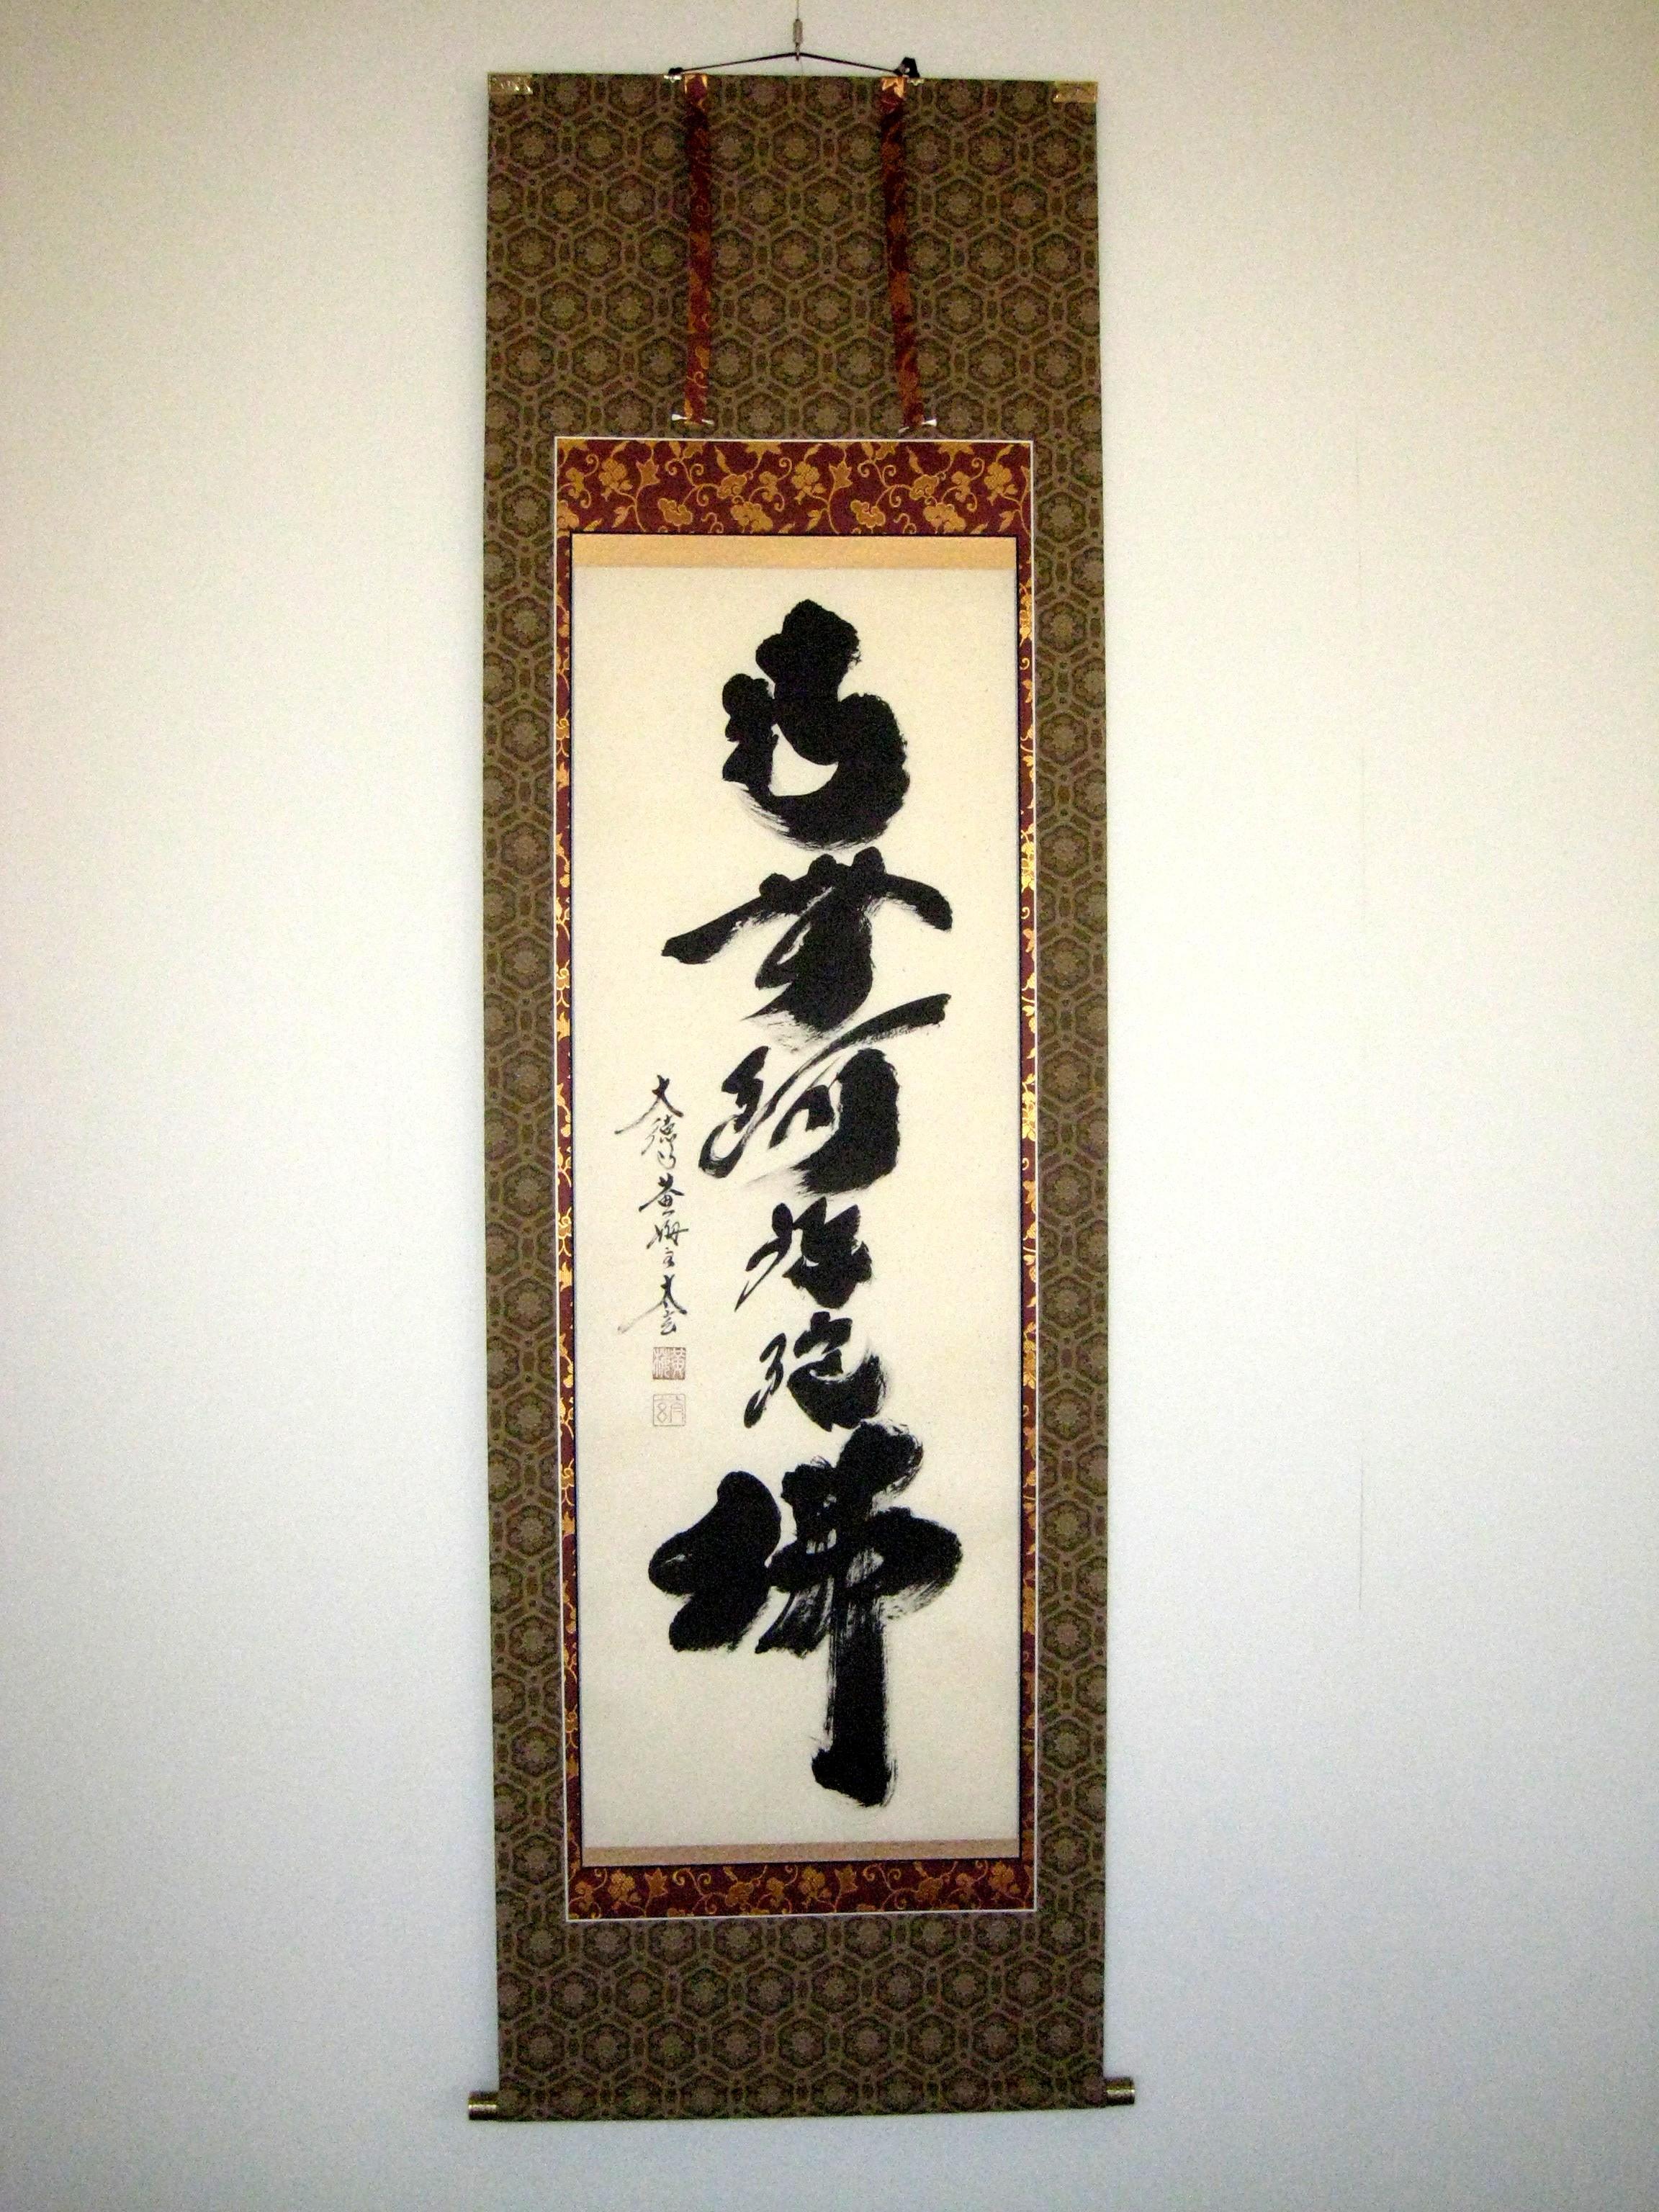 六字名号 大徳寺黄梅院 小林太玄